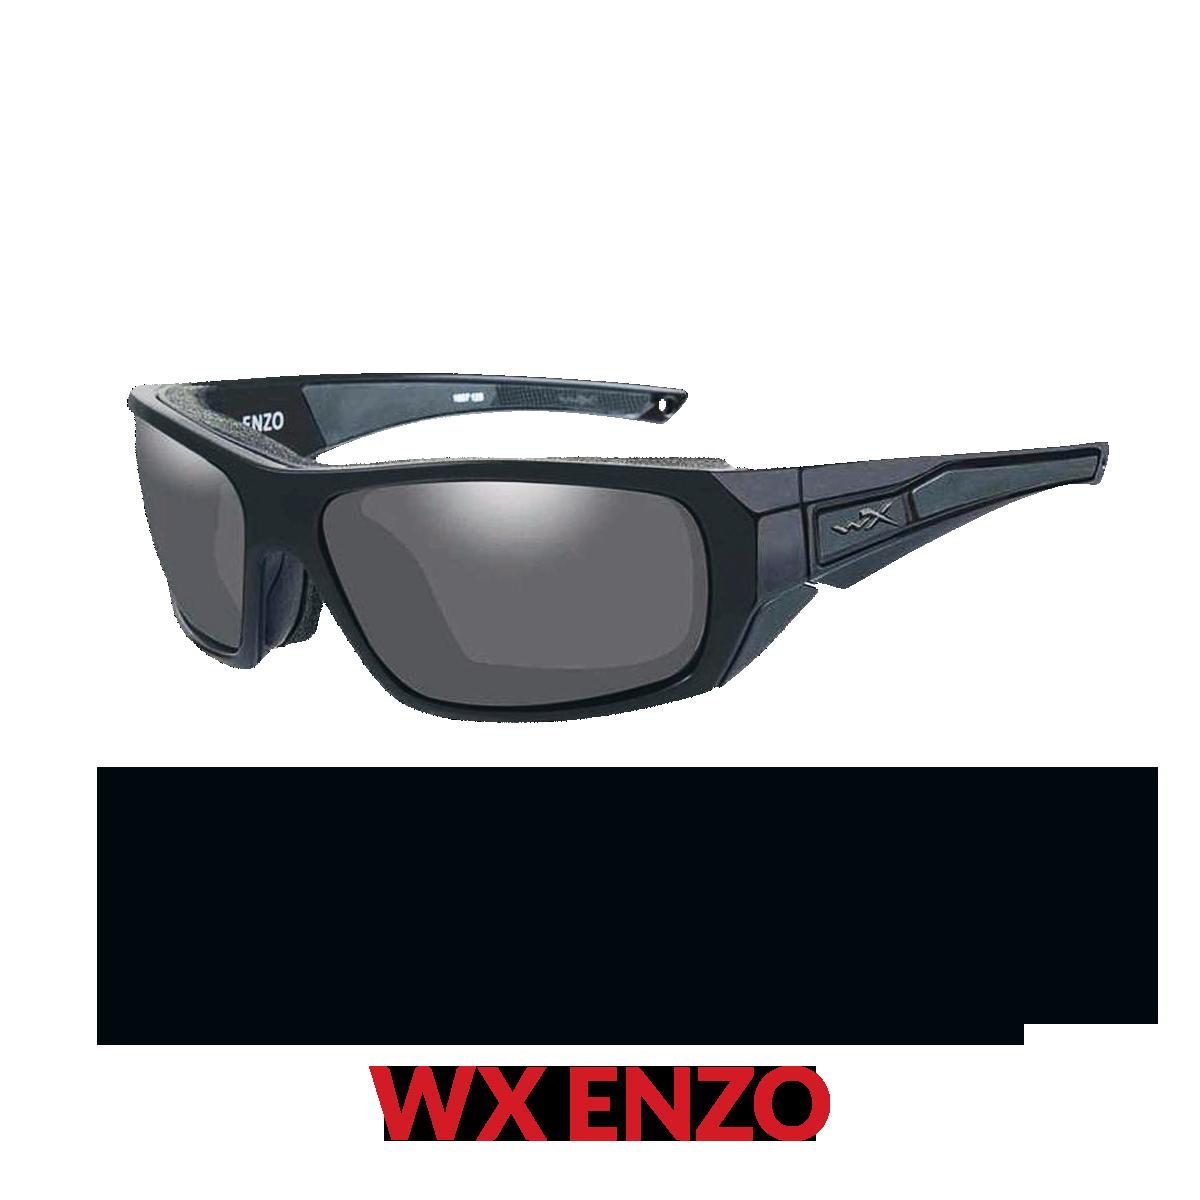 WX Enzo